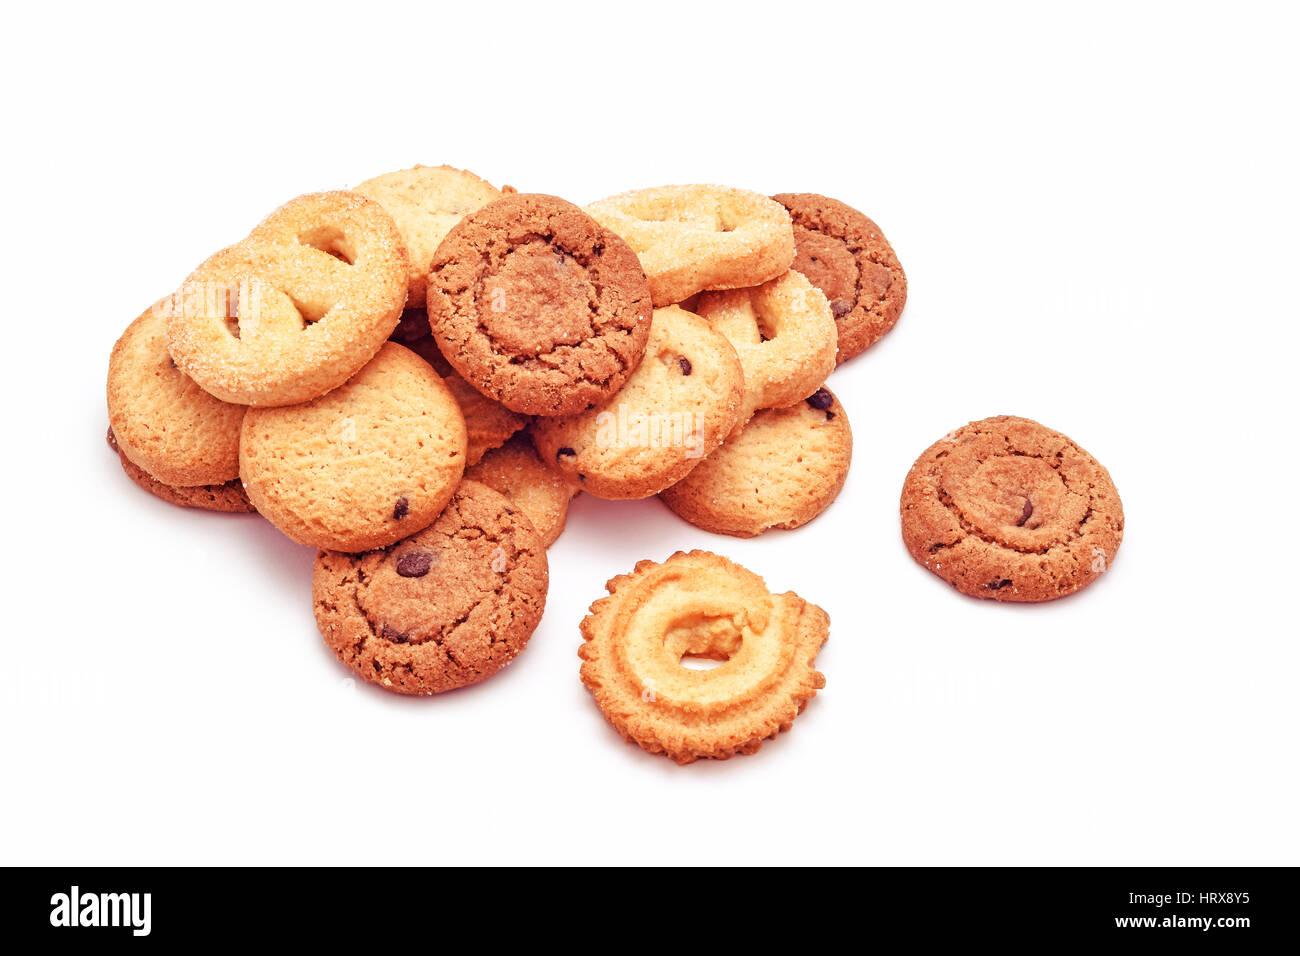 Galletas dulces variación aislado en blanco Imagen De Stock